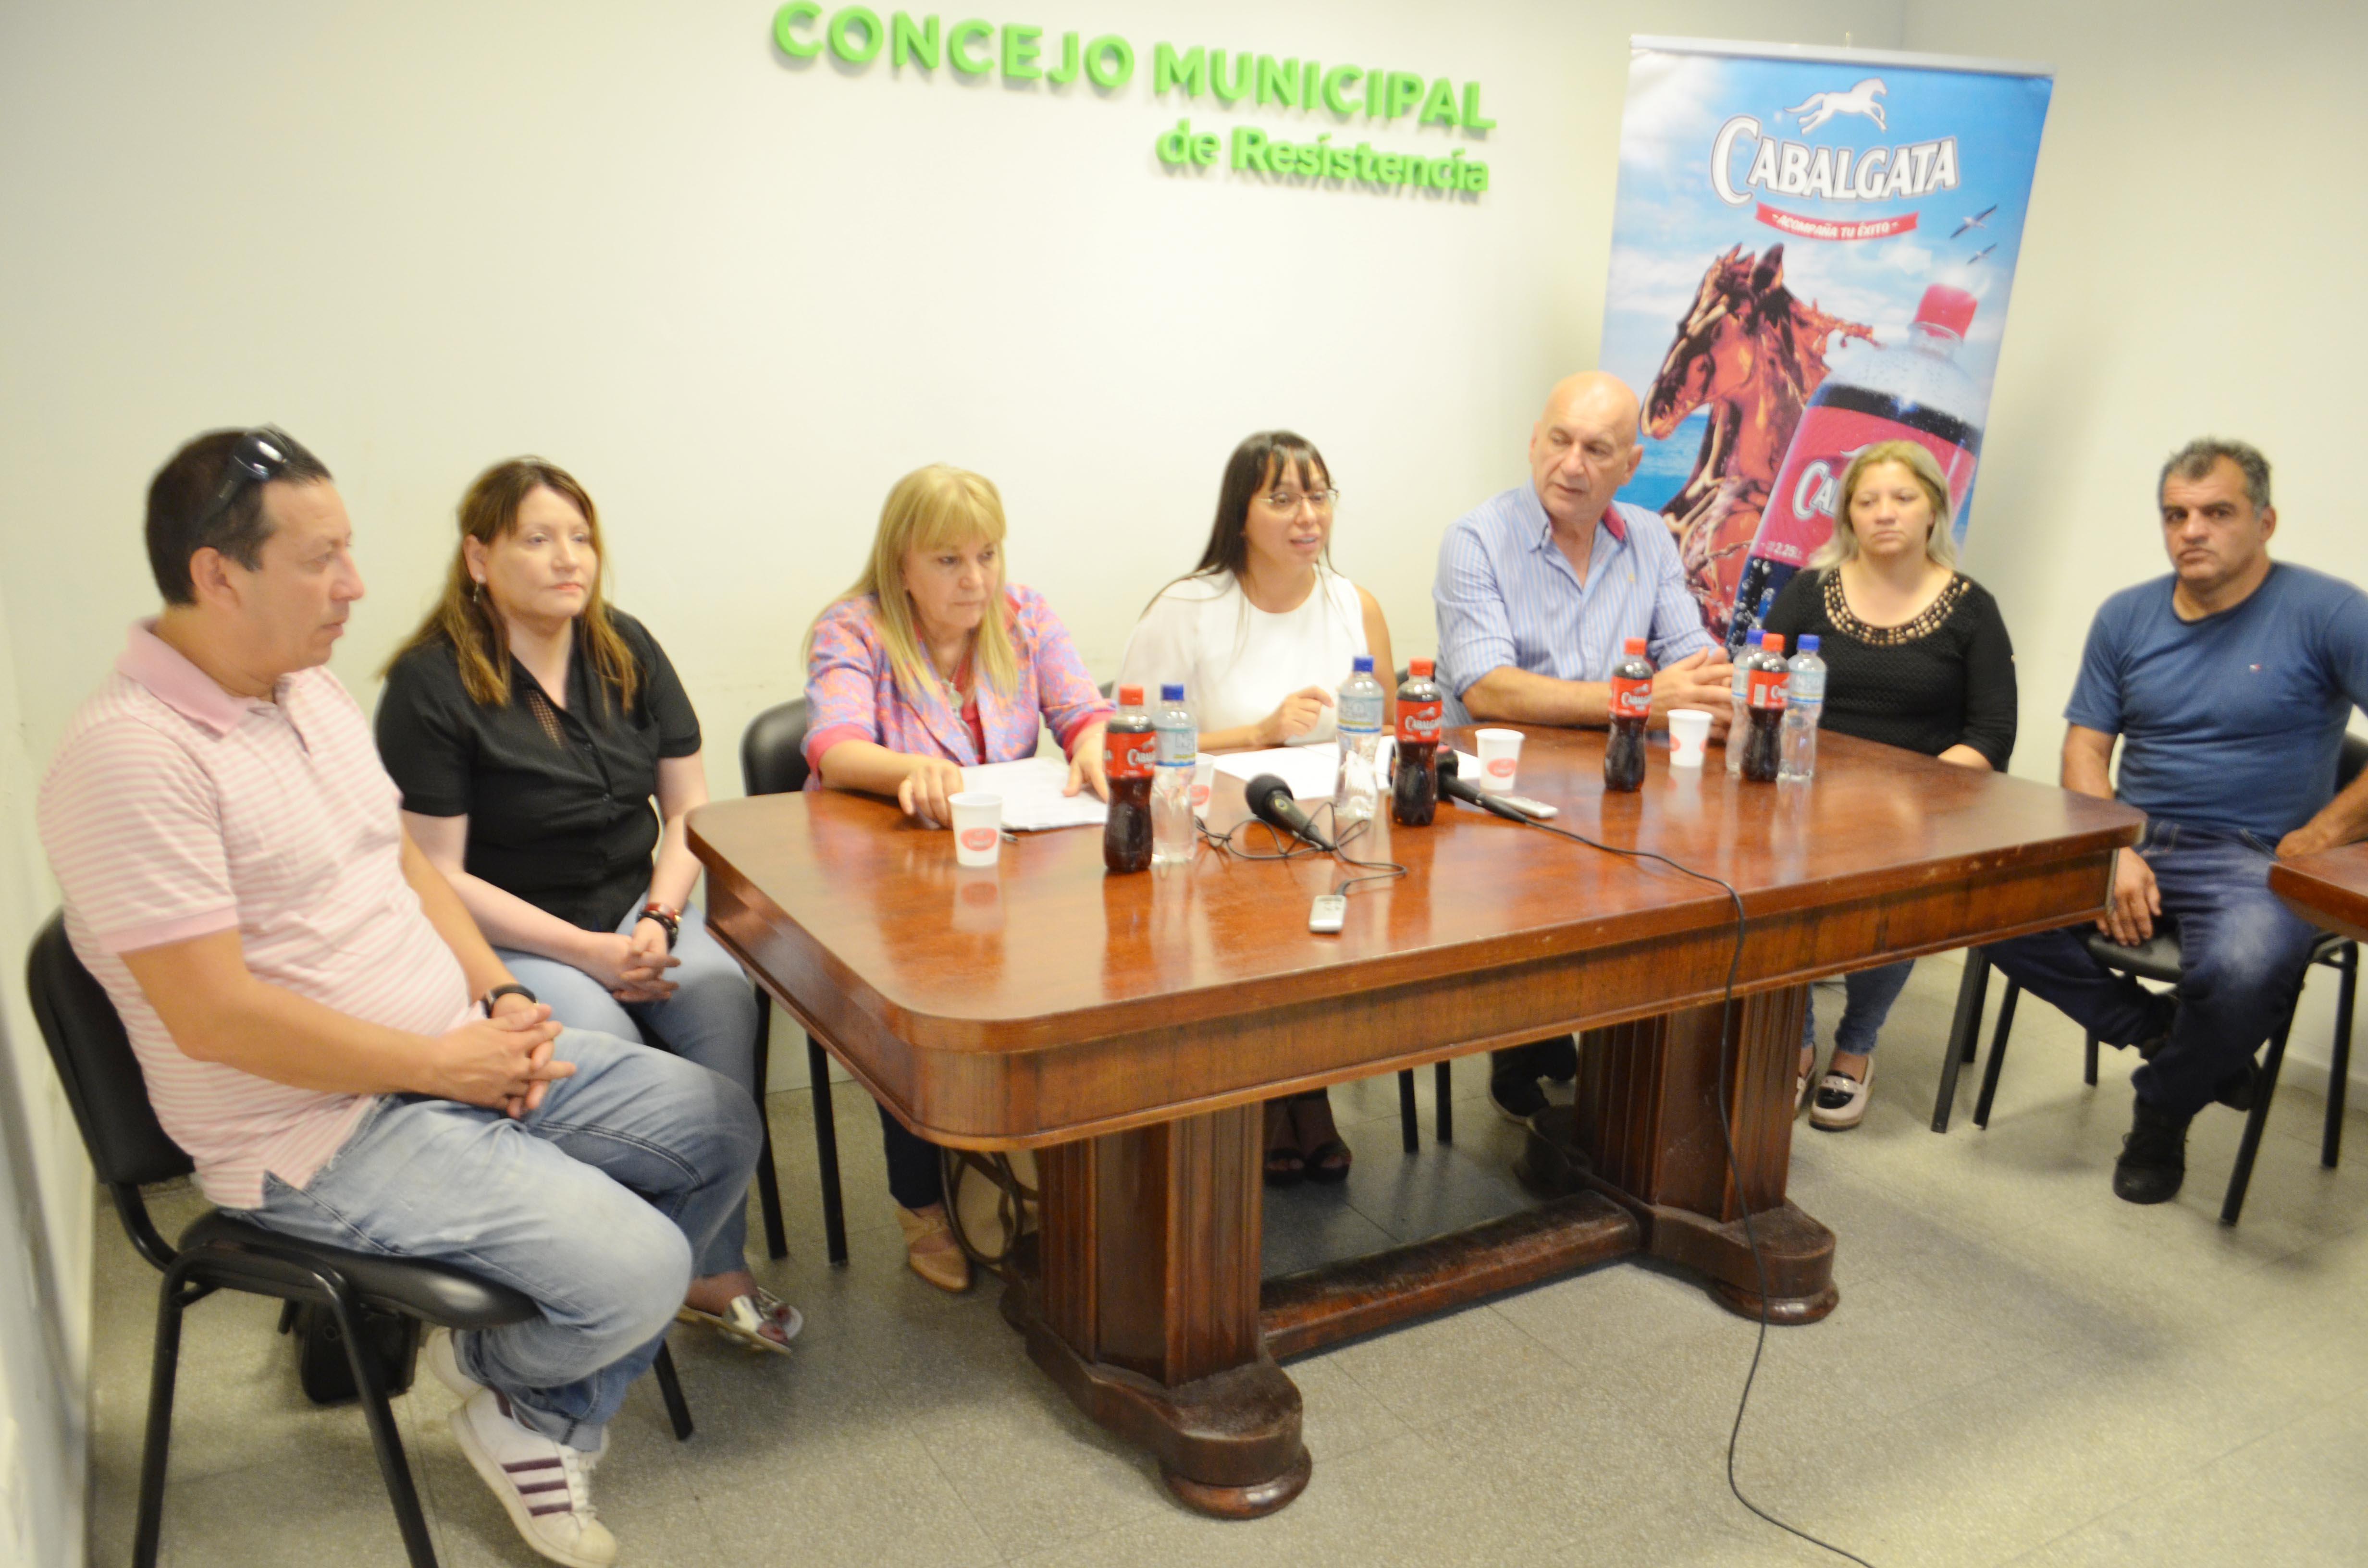 La Municipalidad de Resistencia presentó los Cursos Barriales 2020